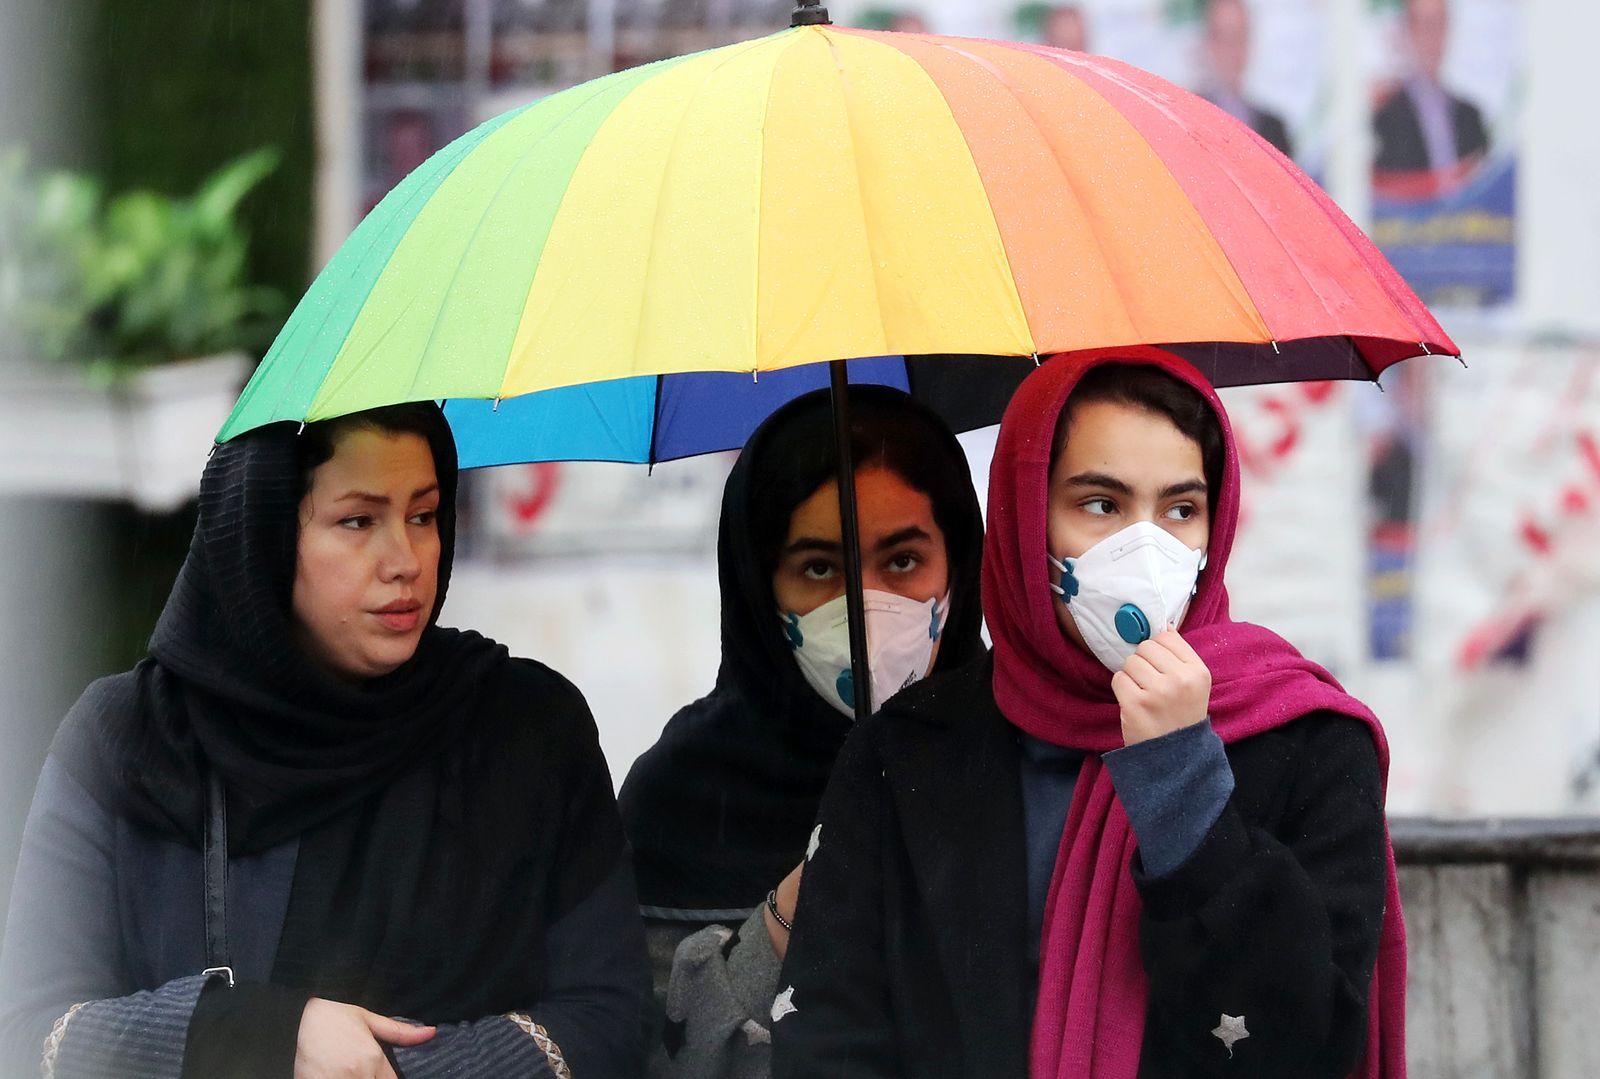 Two people diagnosed with coronavirus die in Iran, Tehran, Iran Islamic Republic Of - 20 Feb 2020